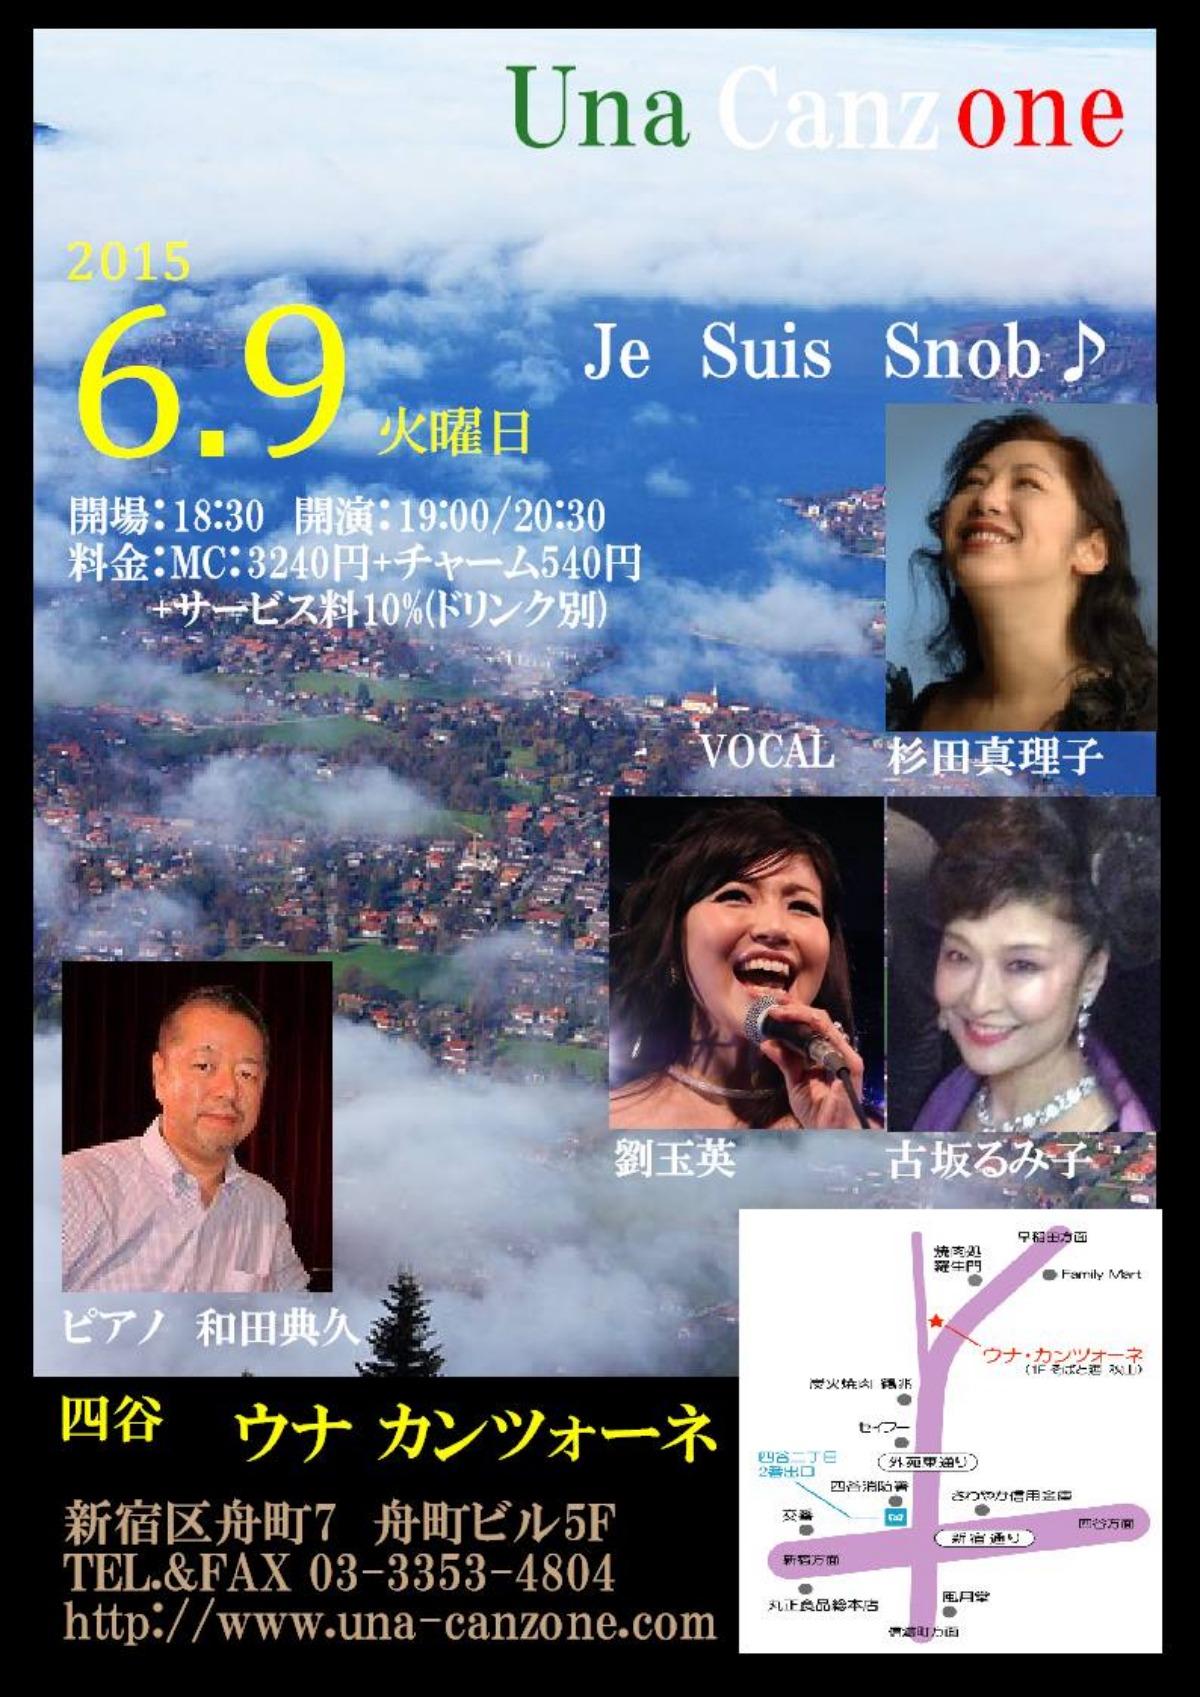 今日はウナカンツォーネで歌います。_e0048332_13411010.jpg